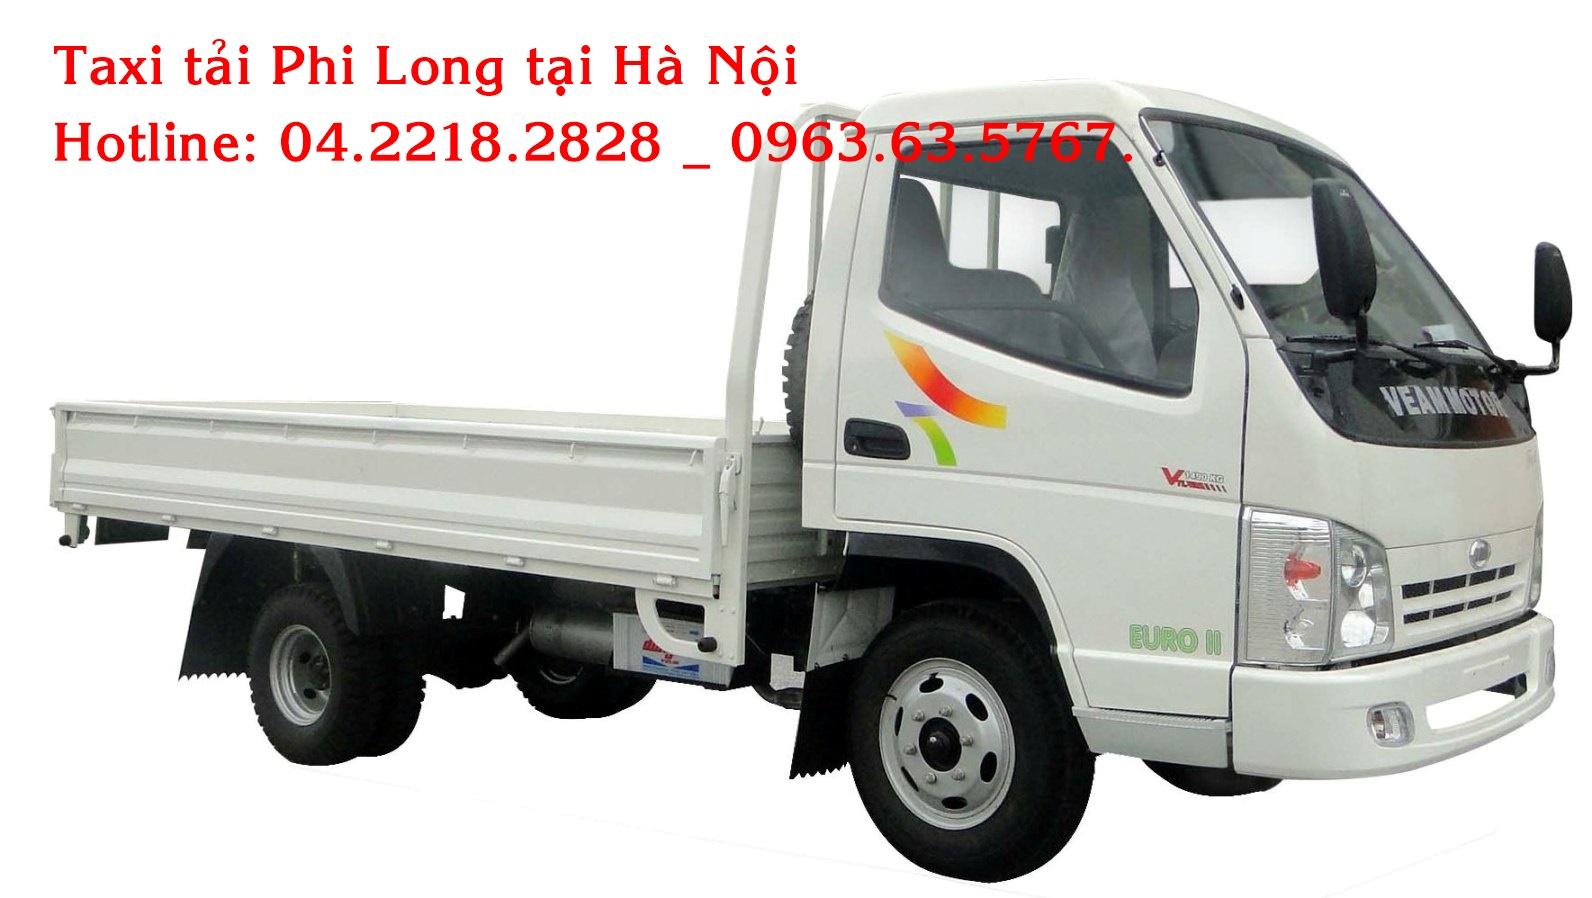 Cho thuê xe tải chuyên nghiệp tại phố Hồ Xuân Hương